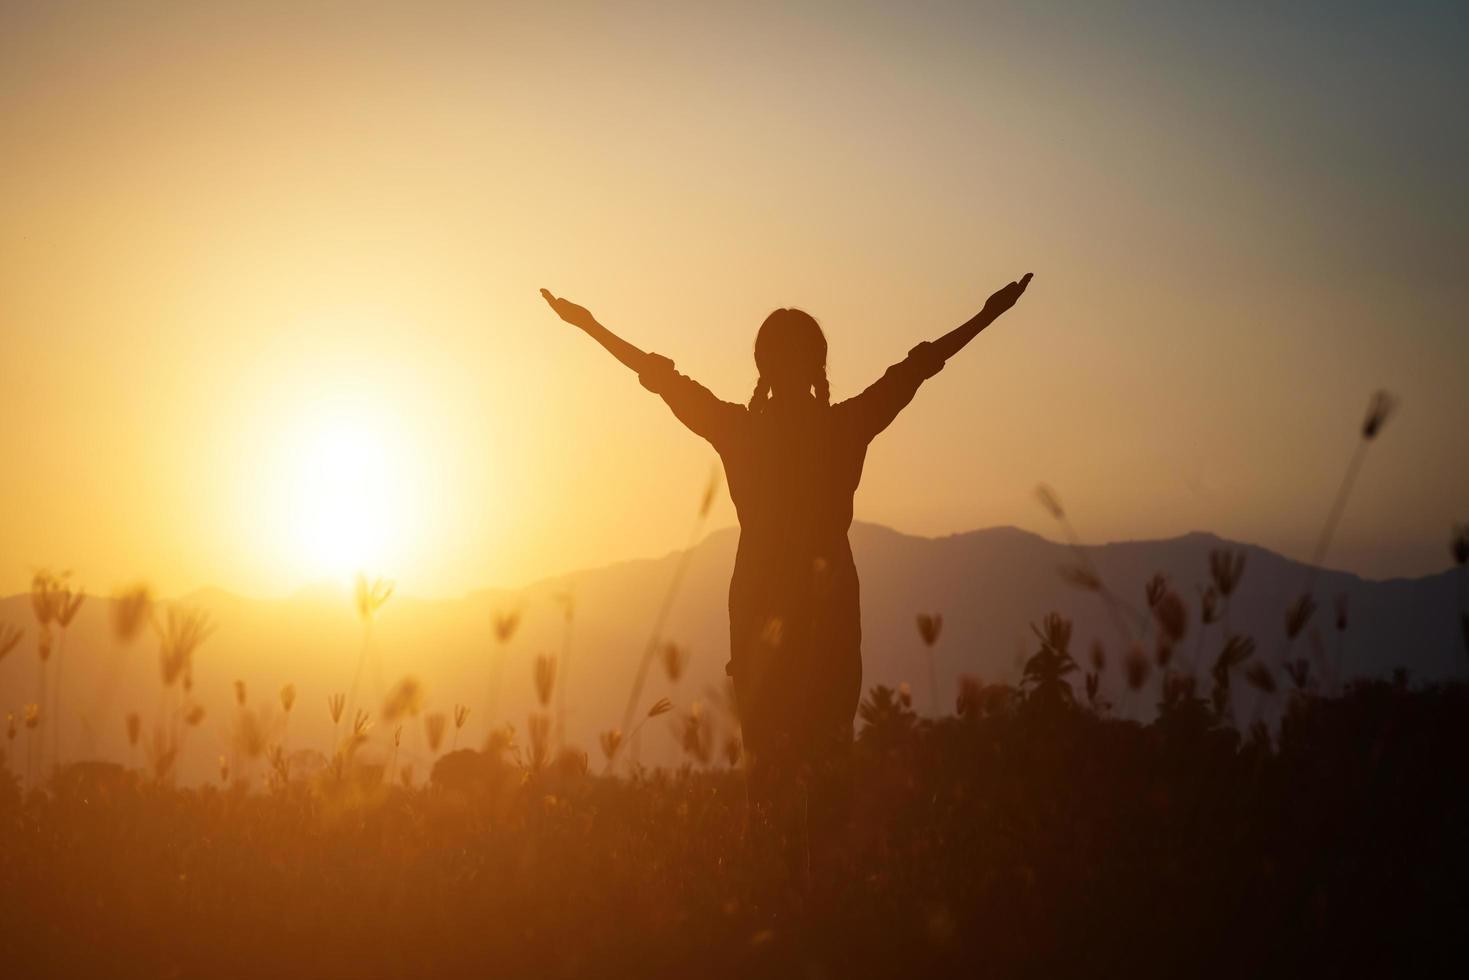 silueta de una mujer rezando sobre un fondo de cielo foto